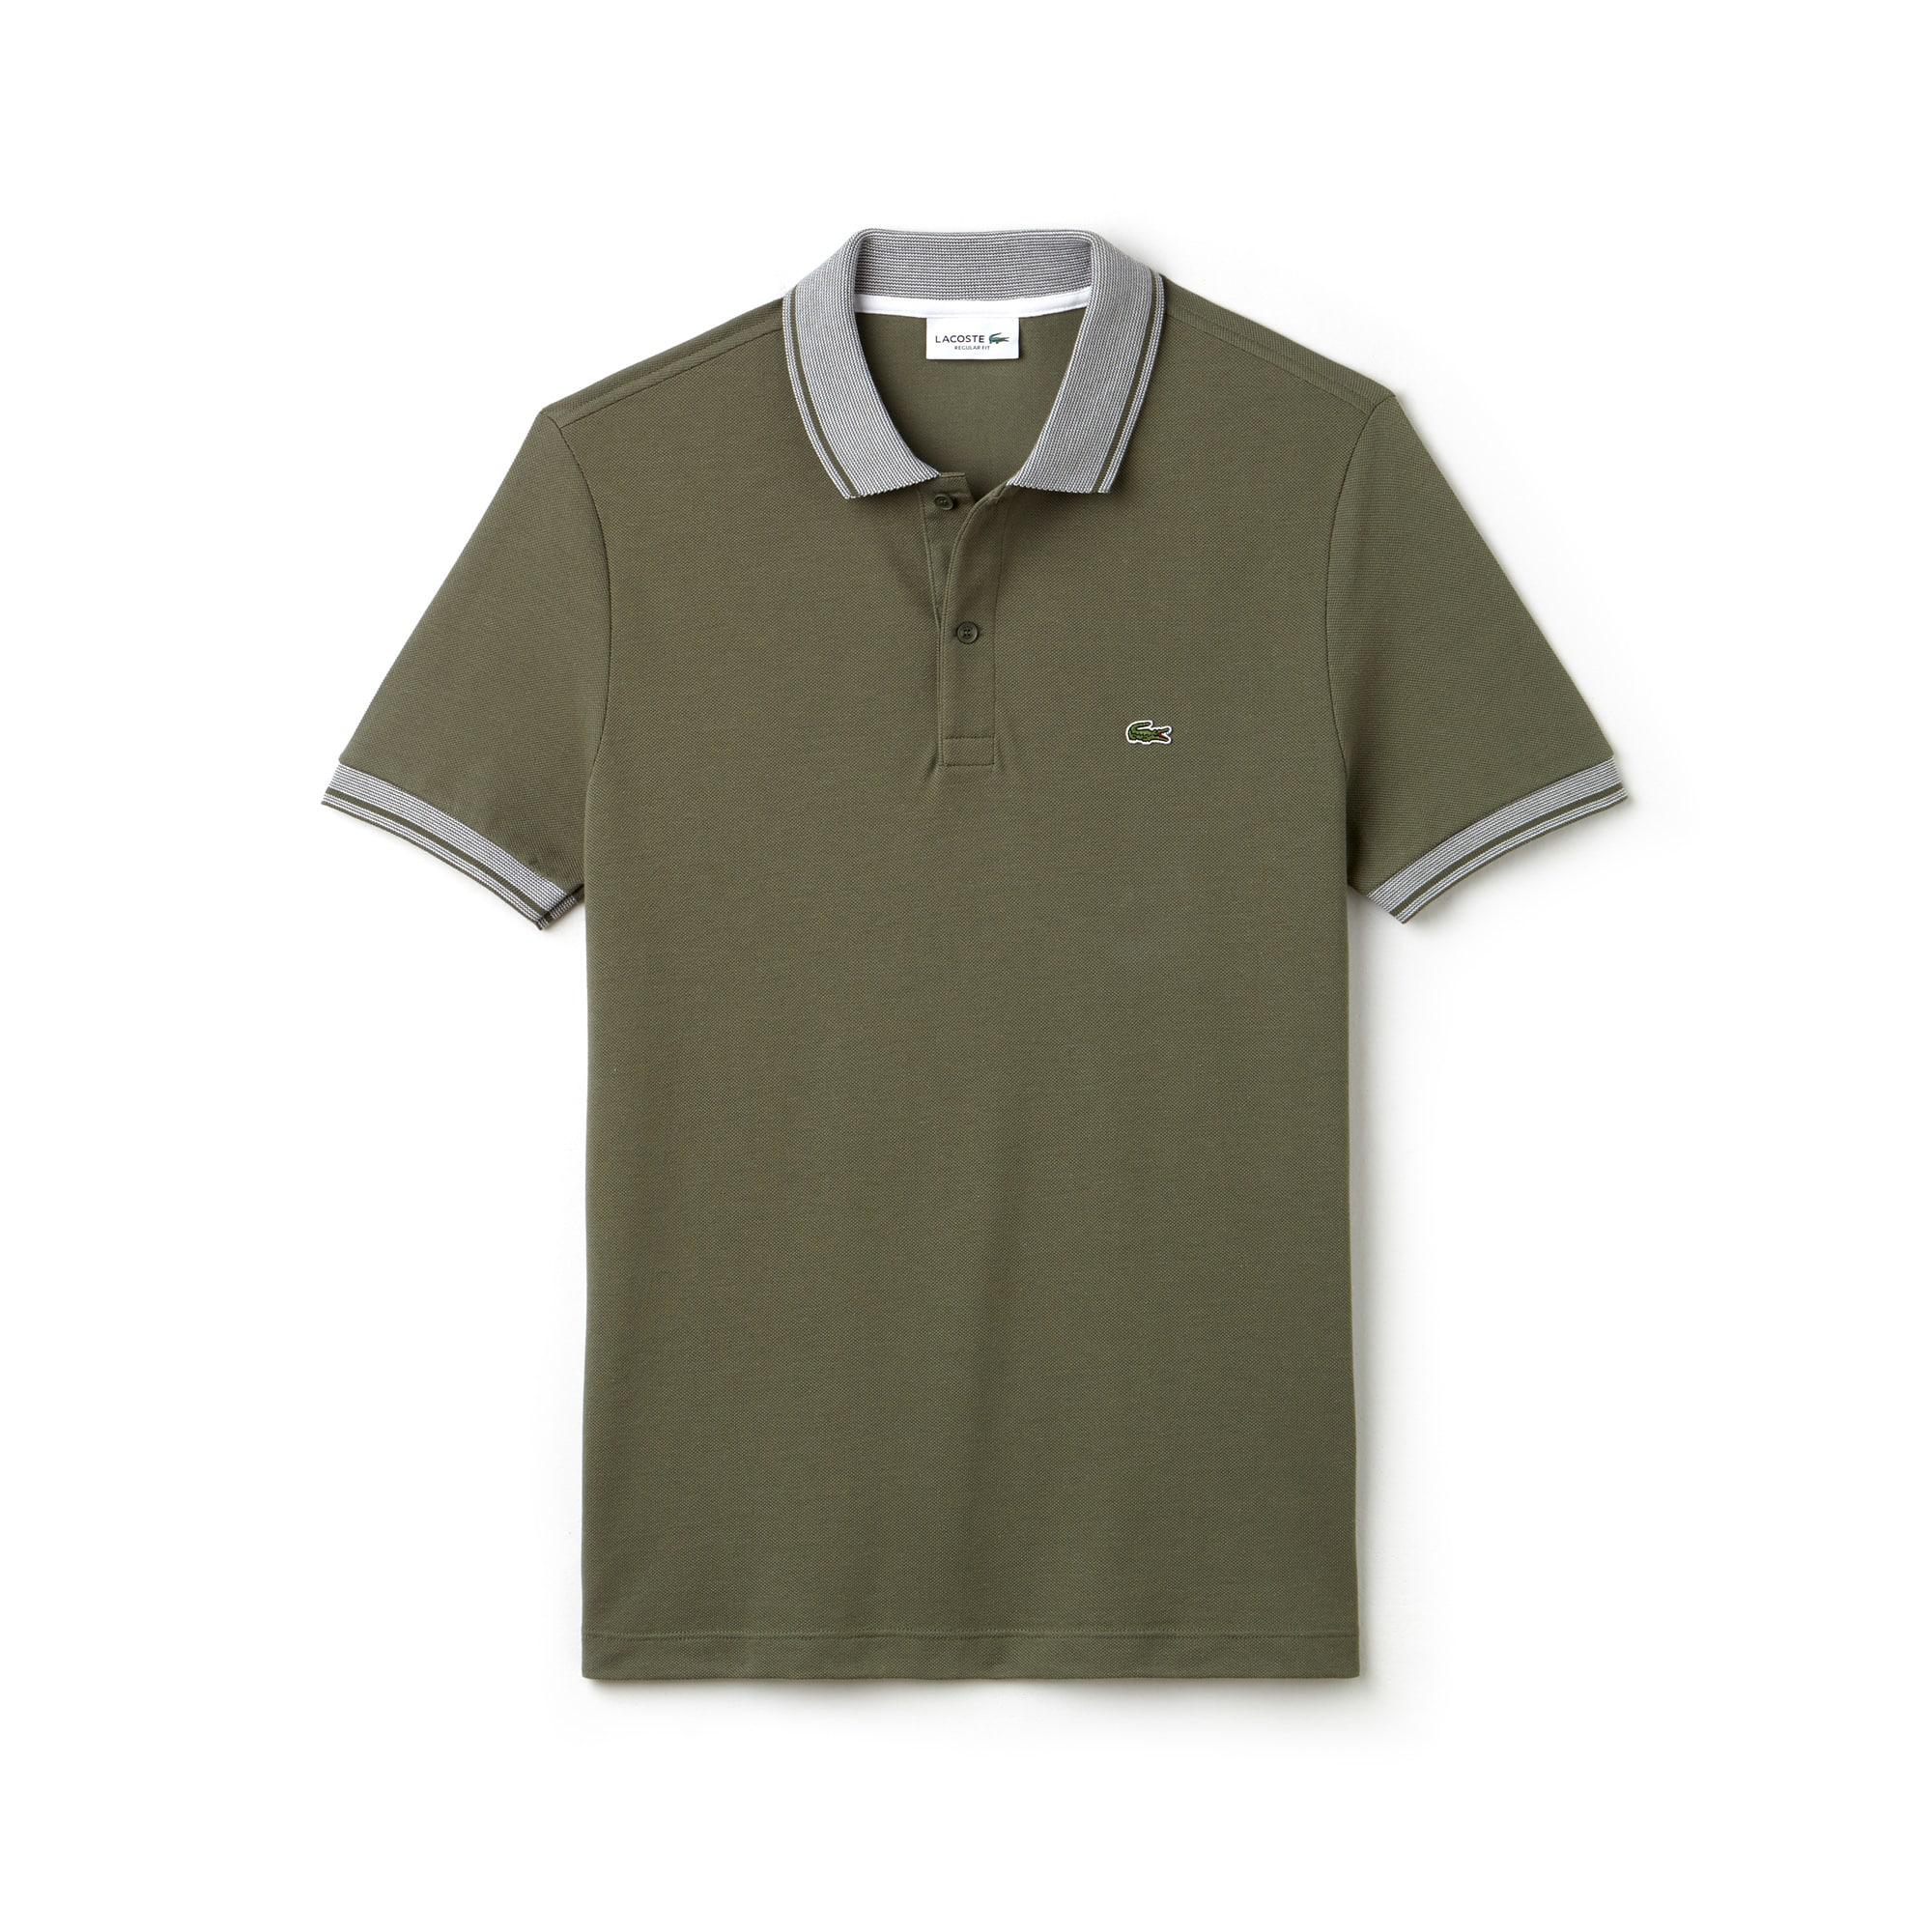 Men's Lacoste Regular Fit Piped Cotton Petit Piqué Polo